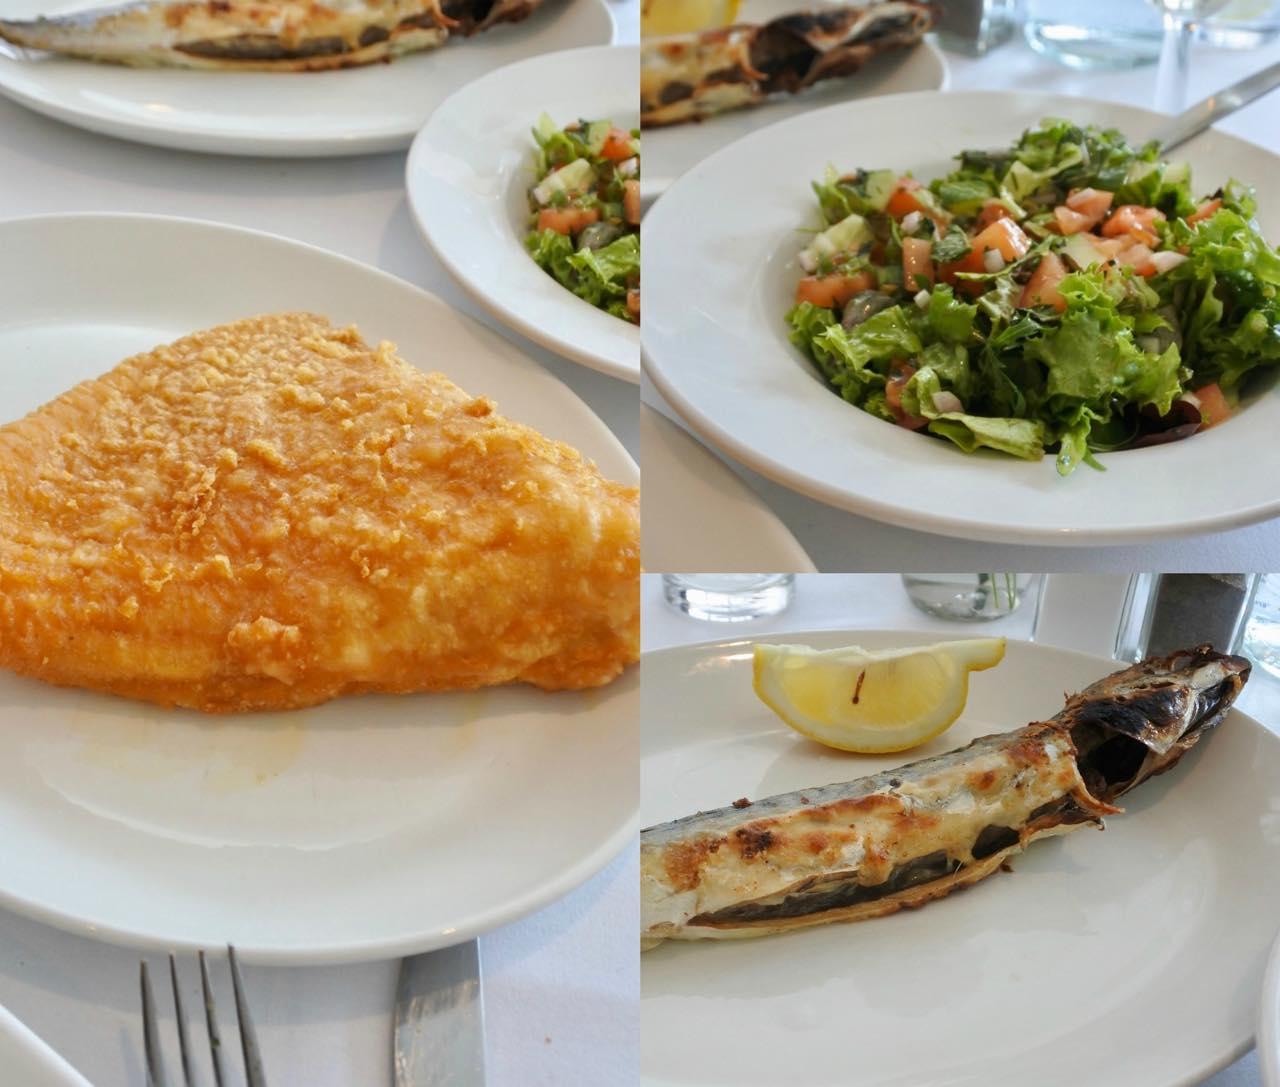 左はエイヒレのフライ!!! 柔らかくとても美味しかった〜。右下は今回、唯一ハズレだった鯖のグリル。身が細すぎて・・・どちらかというとスモークする方が合っている気がします。